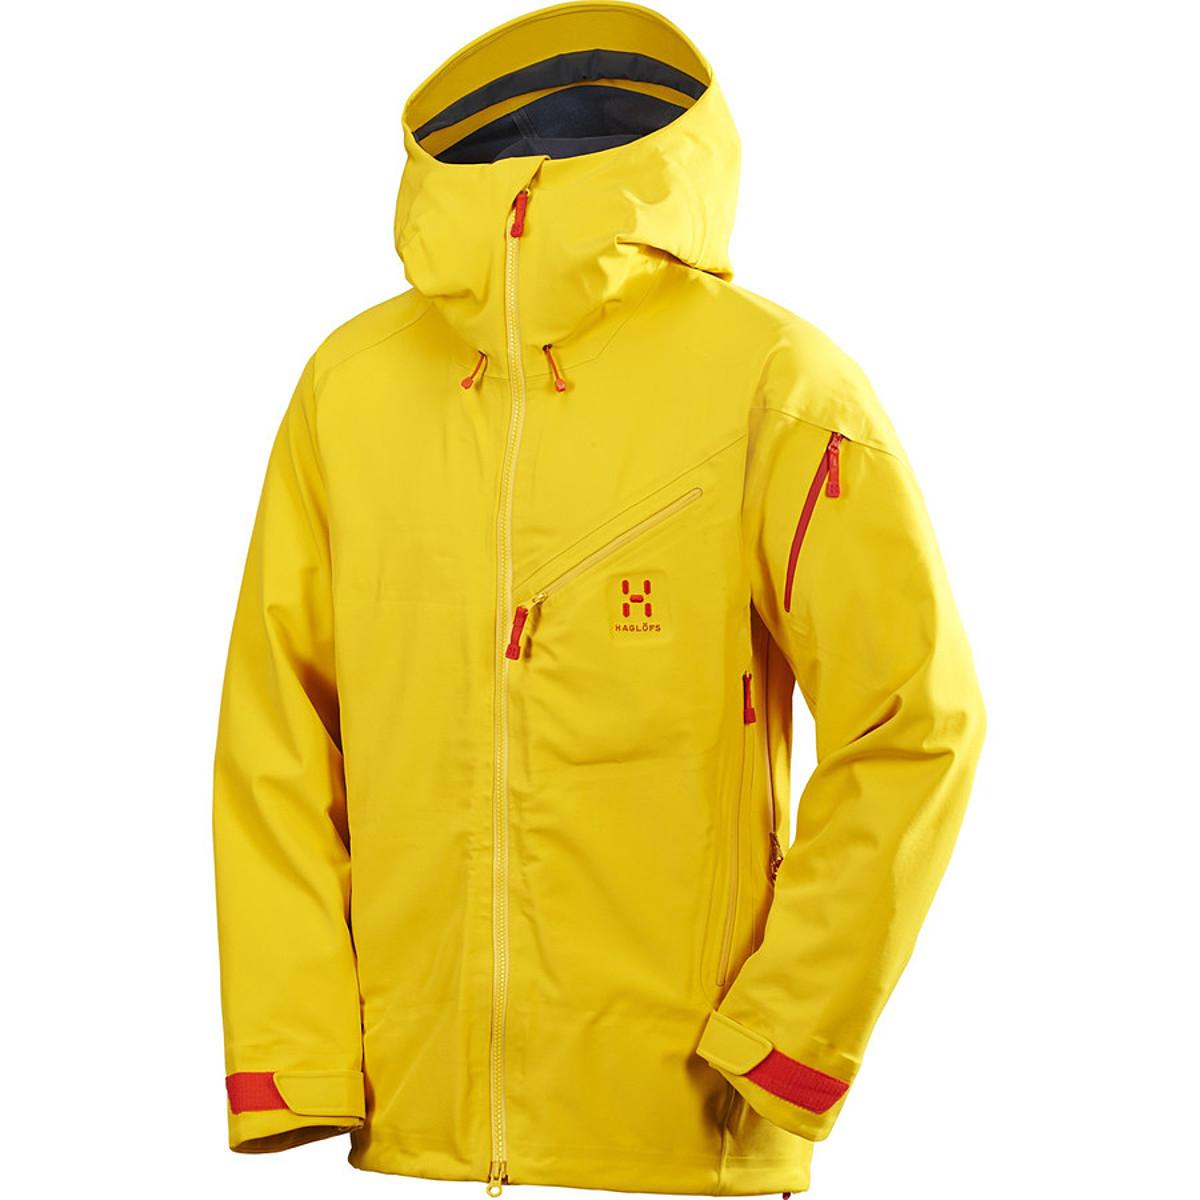 Haglofs Couloir Pro Jacket